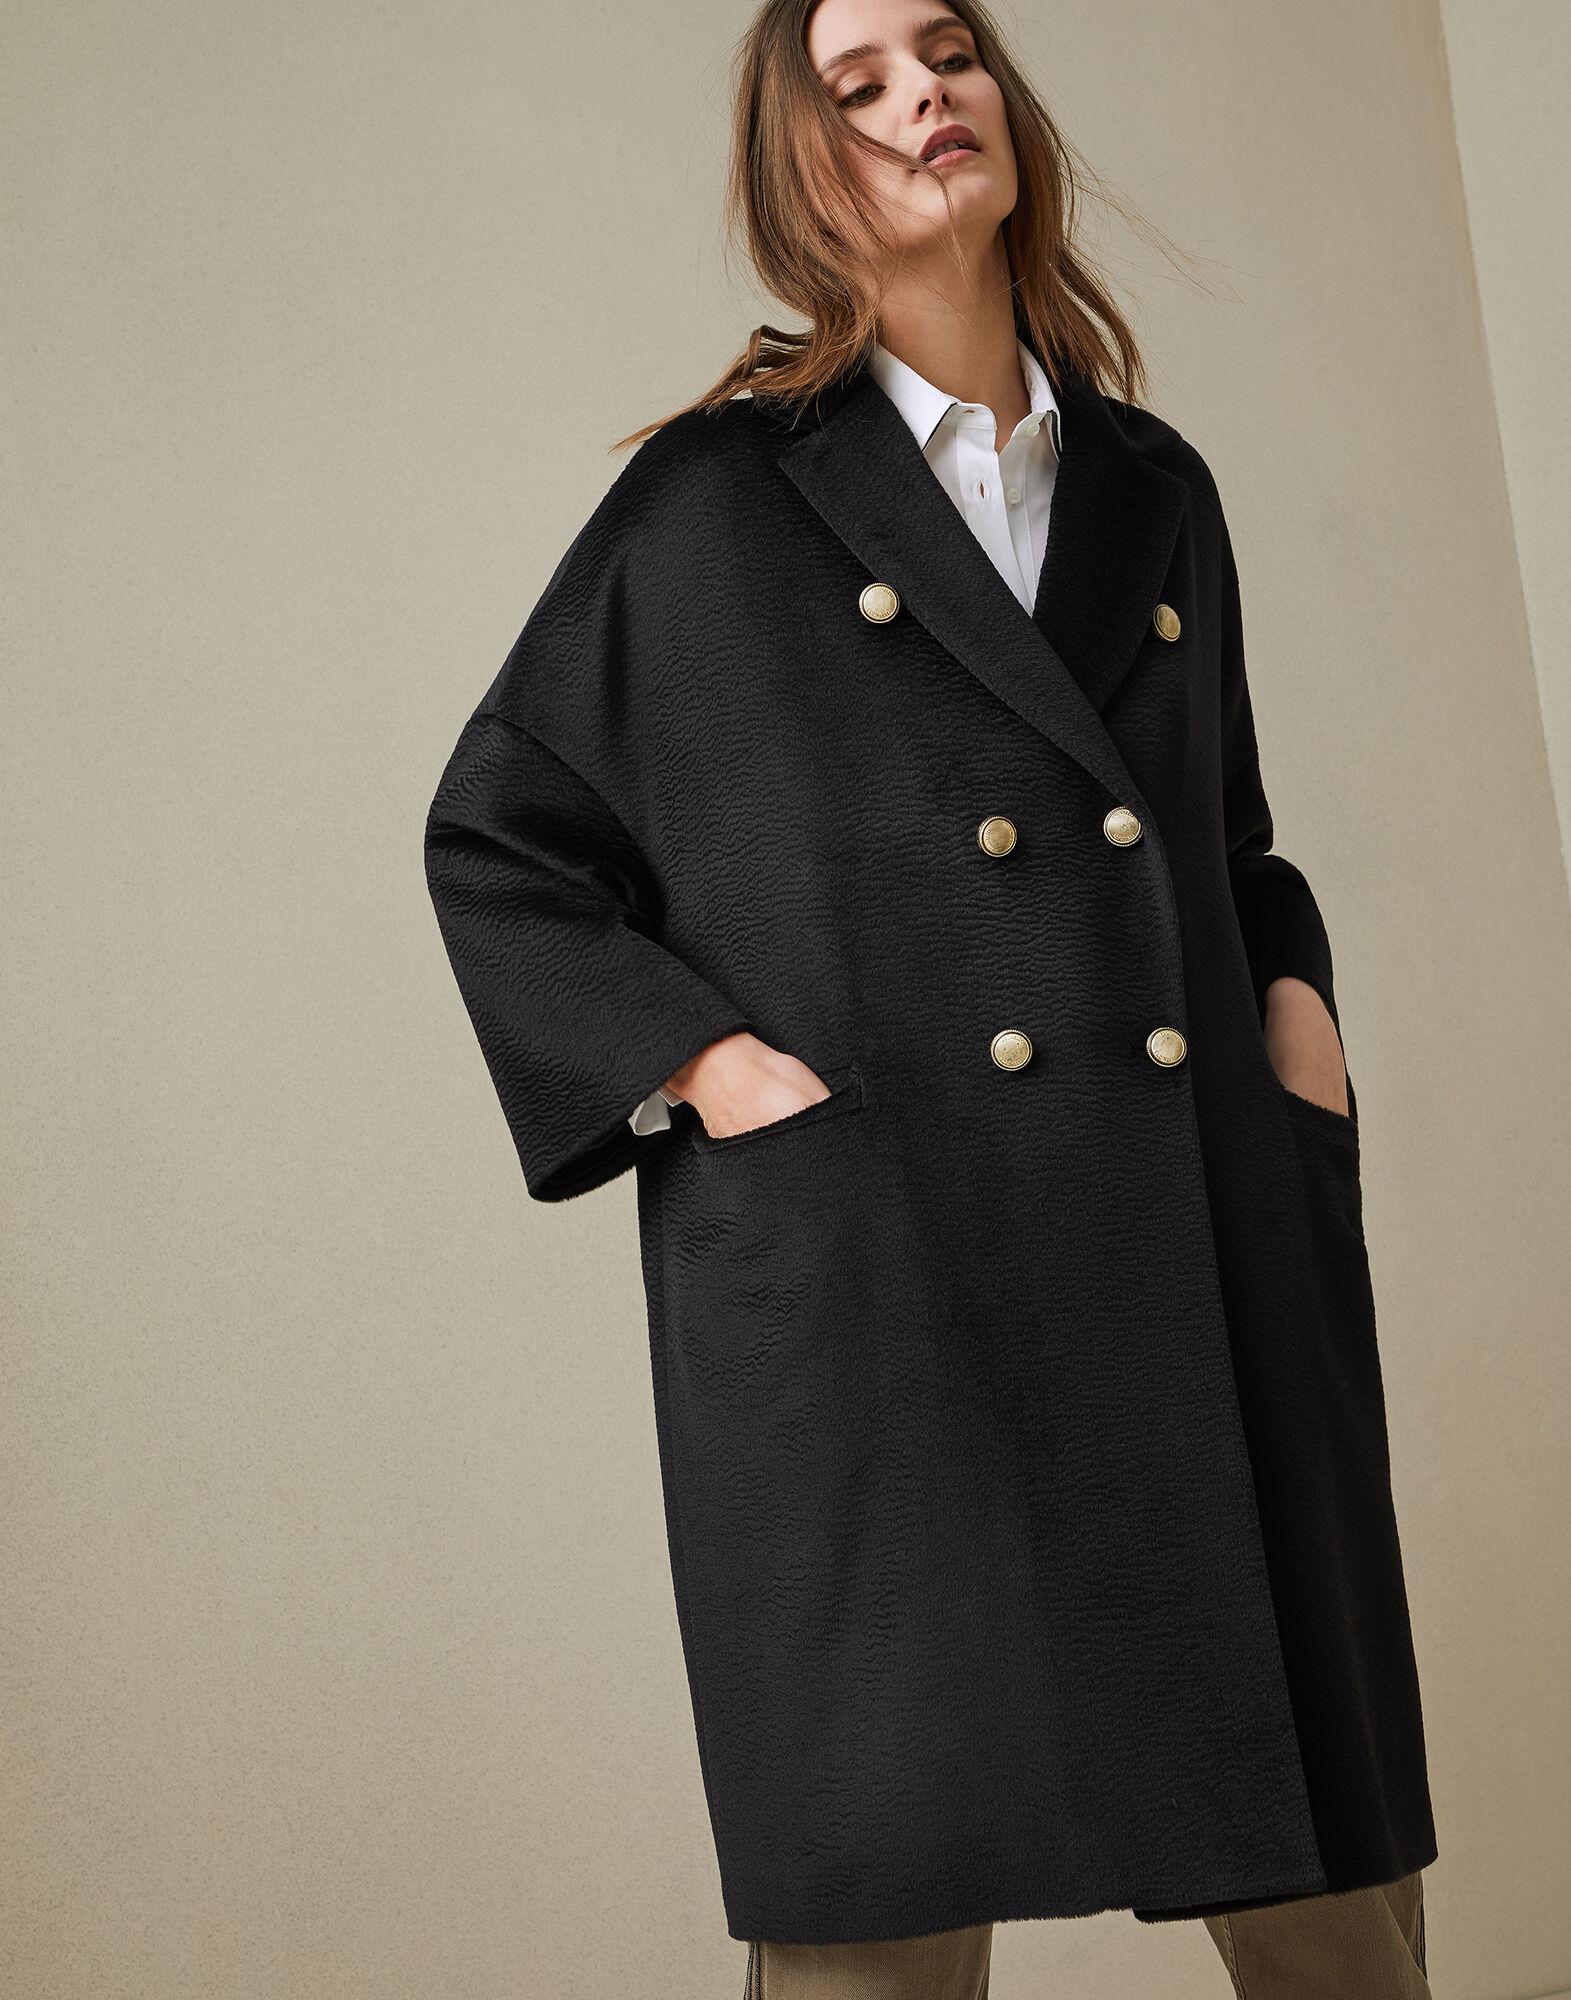 cappotti donna cucinelli